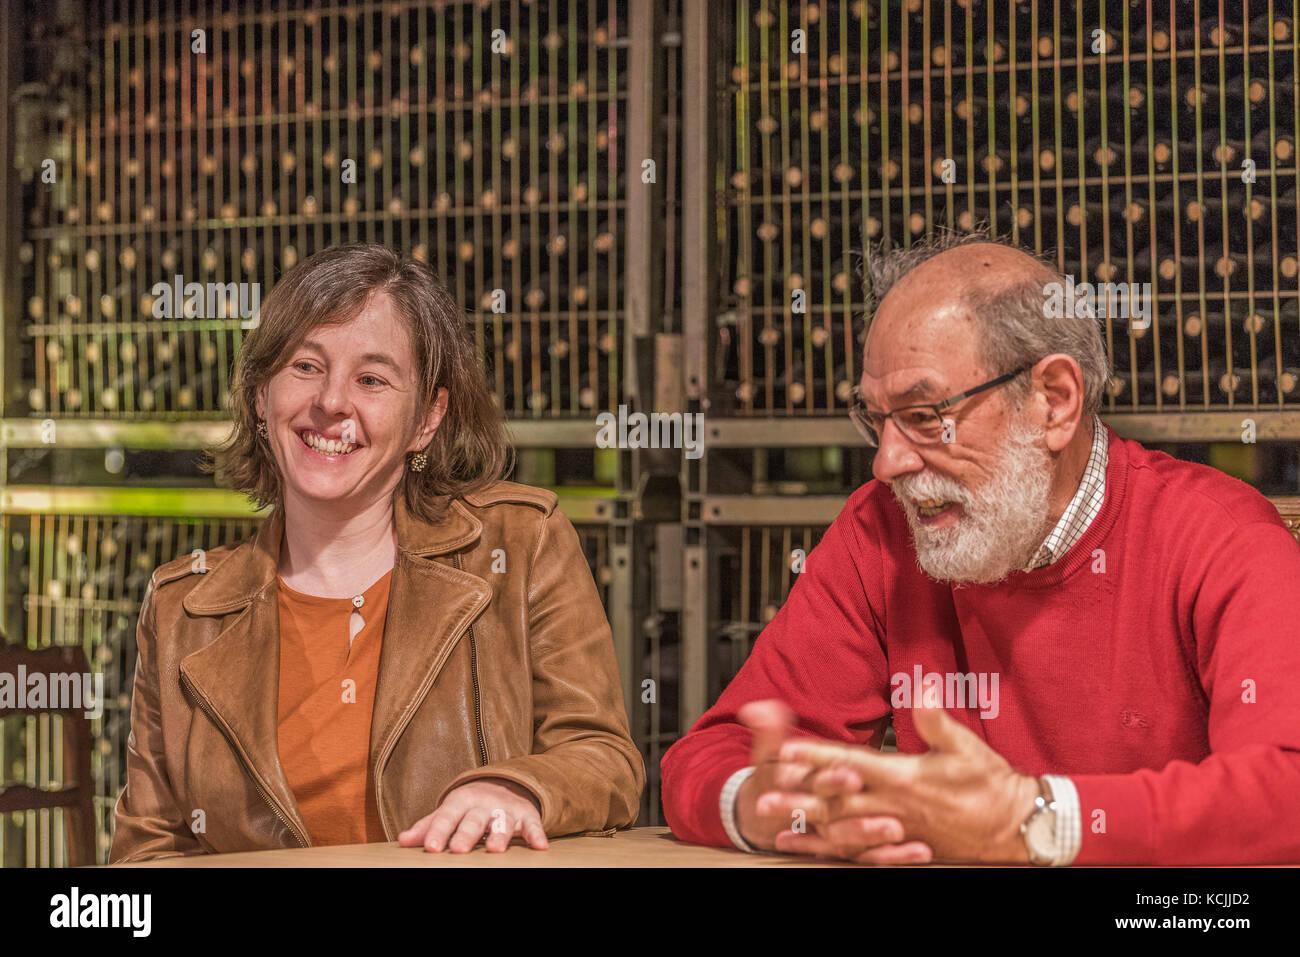 Maria Manuel Maia, Acácio Poças Maia, Poças Junior, Vila Nova de Gaia, Portugal Stock Photo